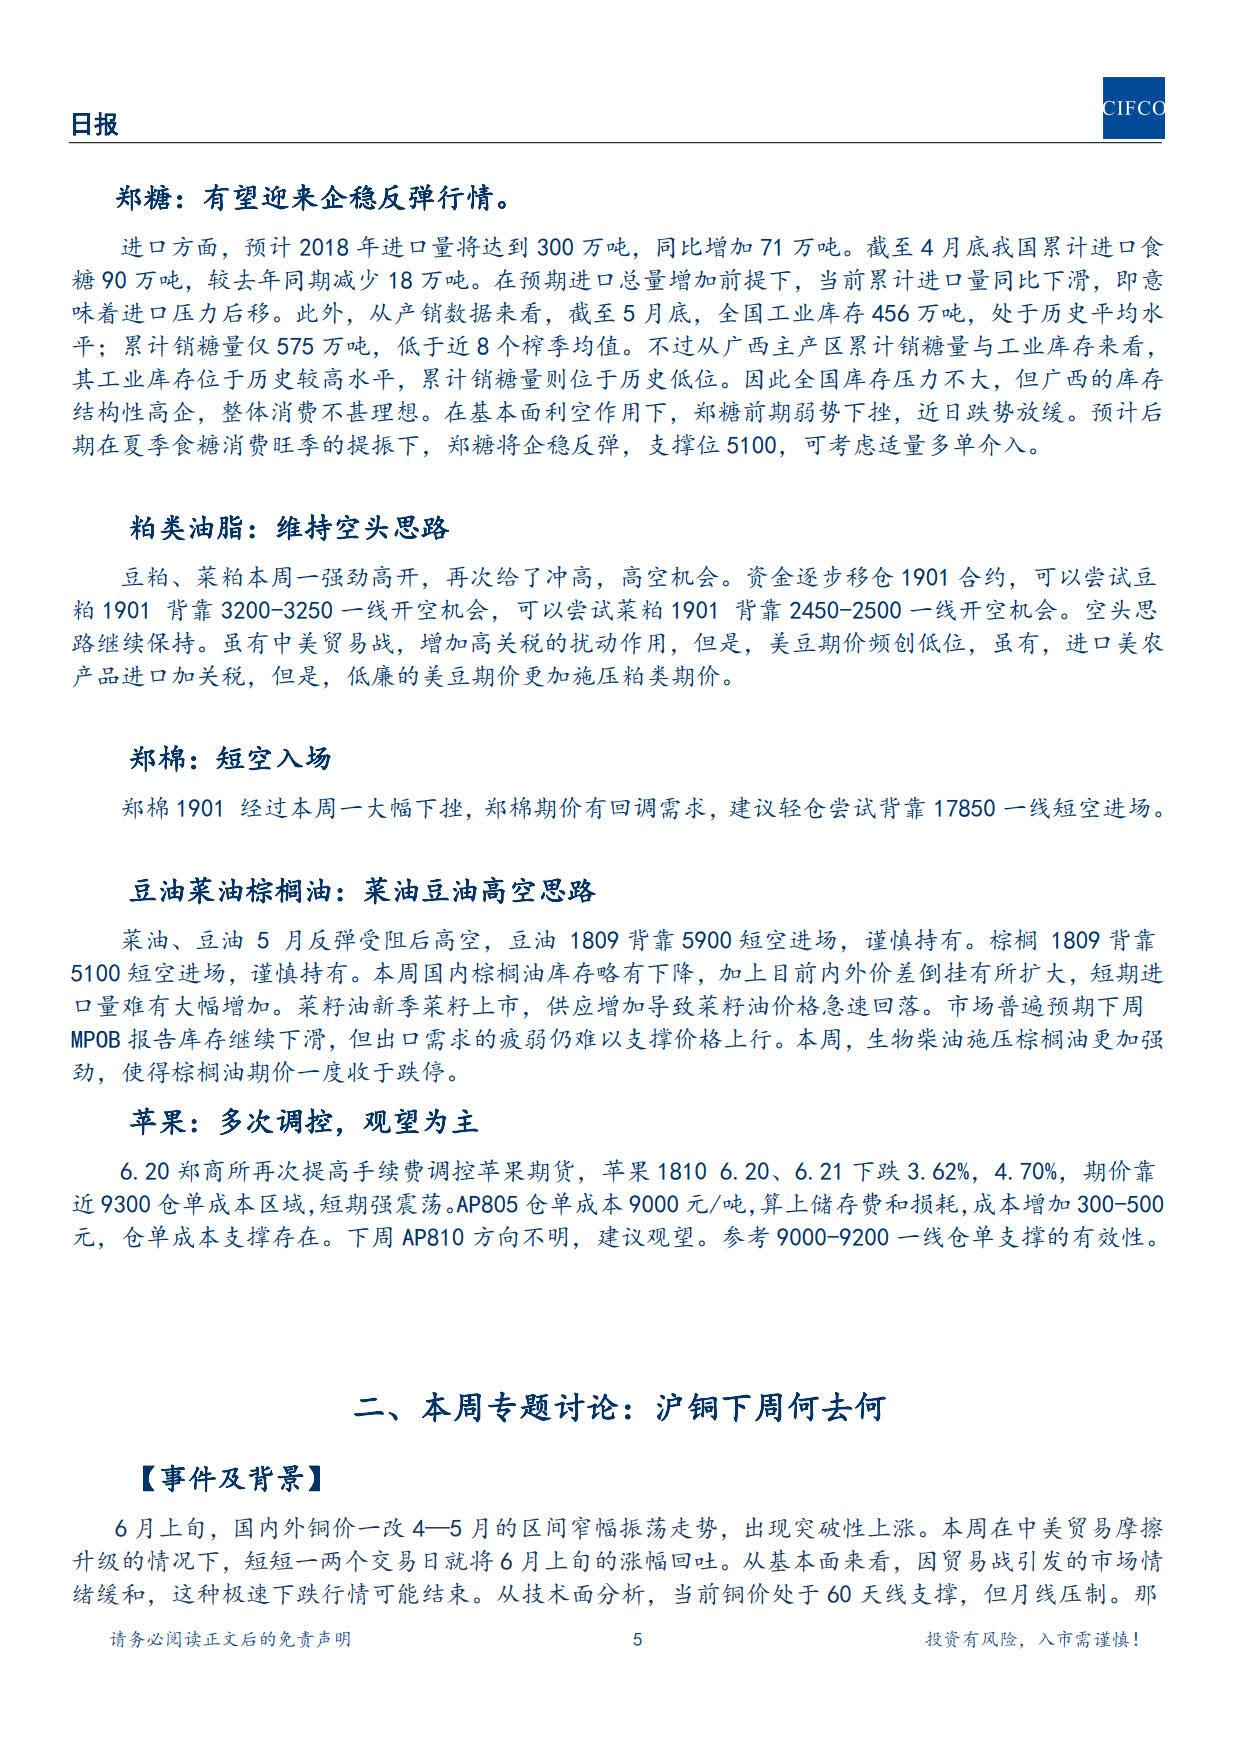 8【周策略会议】期待央妈降准,沪铜反弹仍有远忧_5.jpg